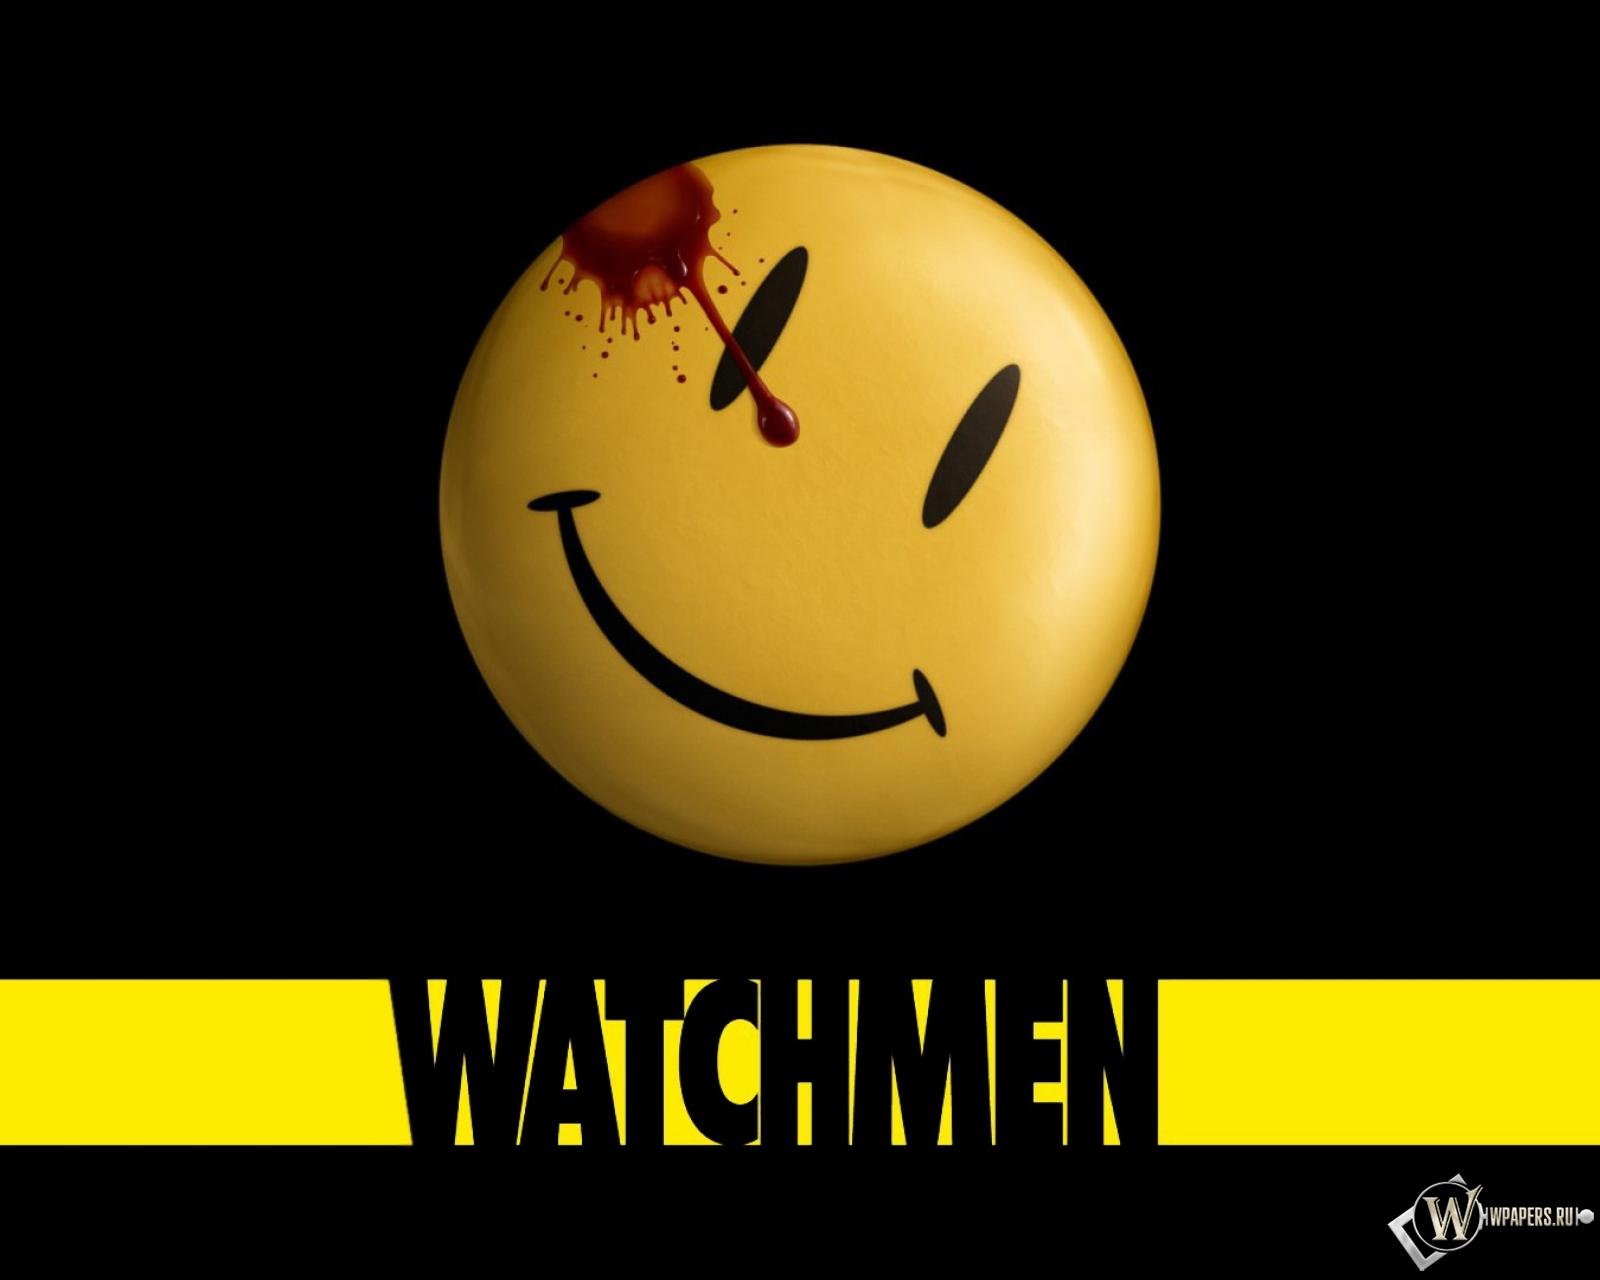 Обои, Watchmen, Кровь, Смайлик, Значок ...: wpapers.ru/wallpapers/films/10220/1600-1280_Watchmen.html